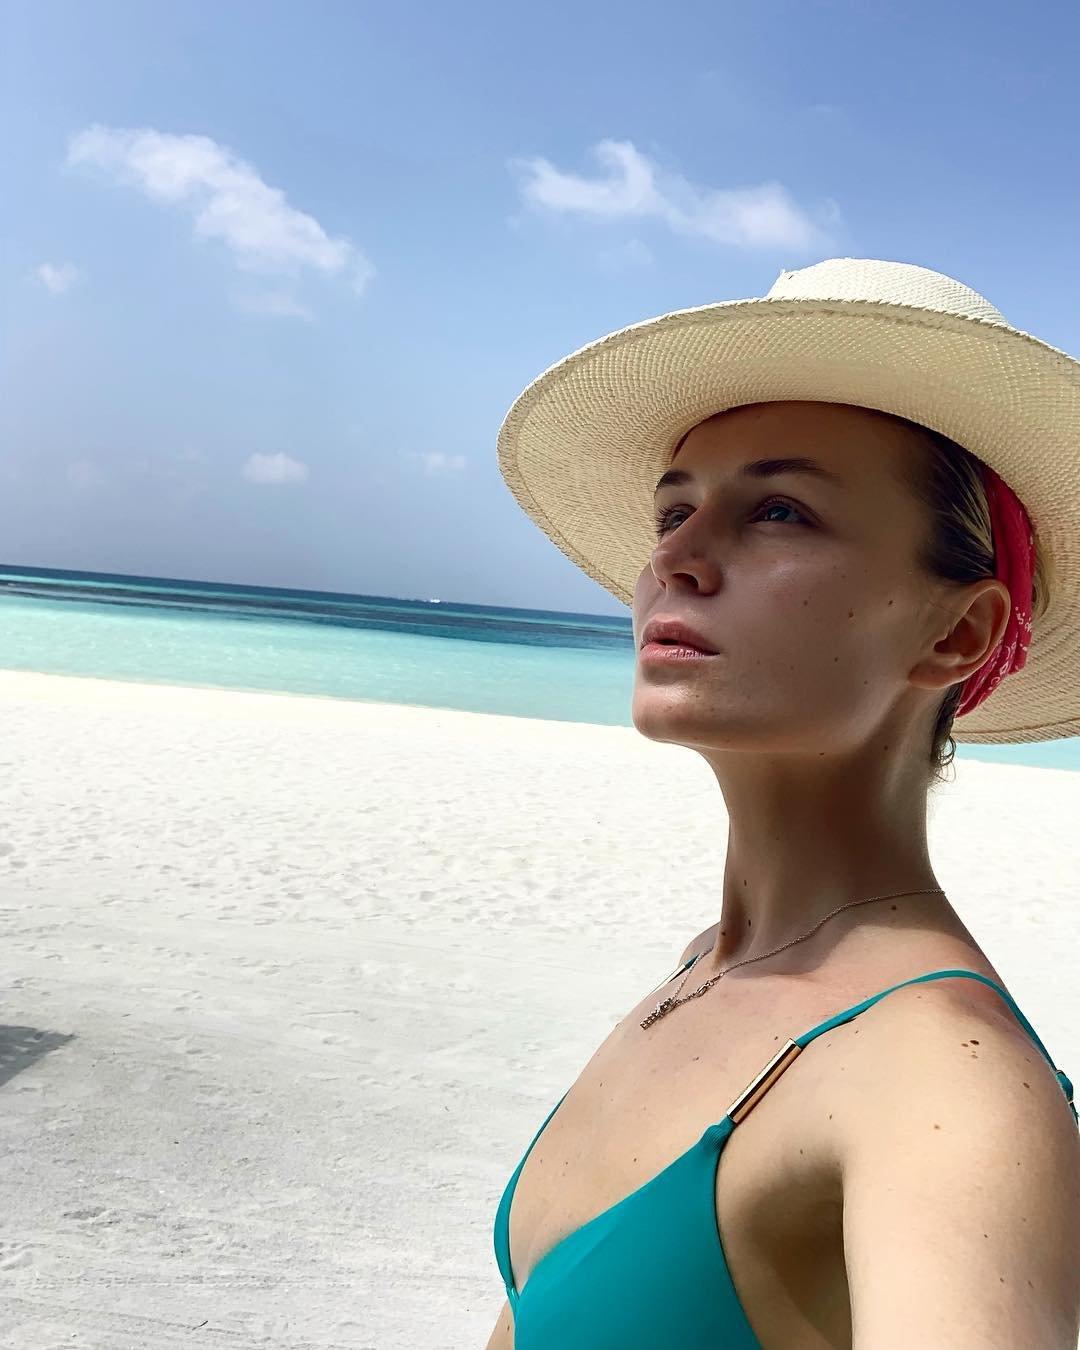 Рёбра торчат: Полина Гагарина переусердствовала с похудением